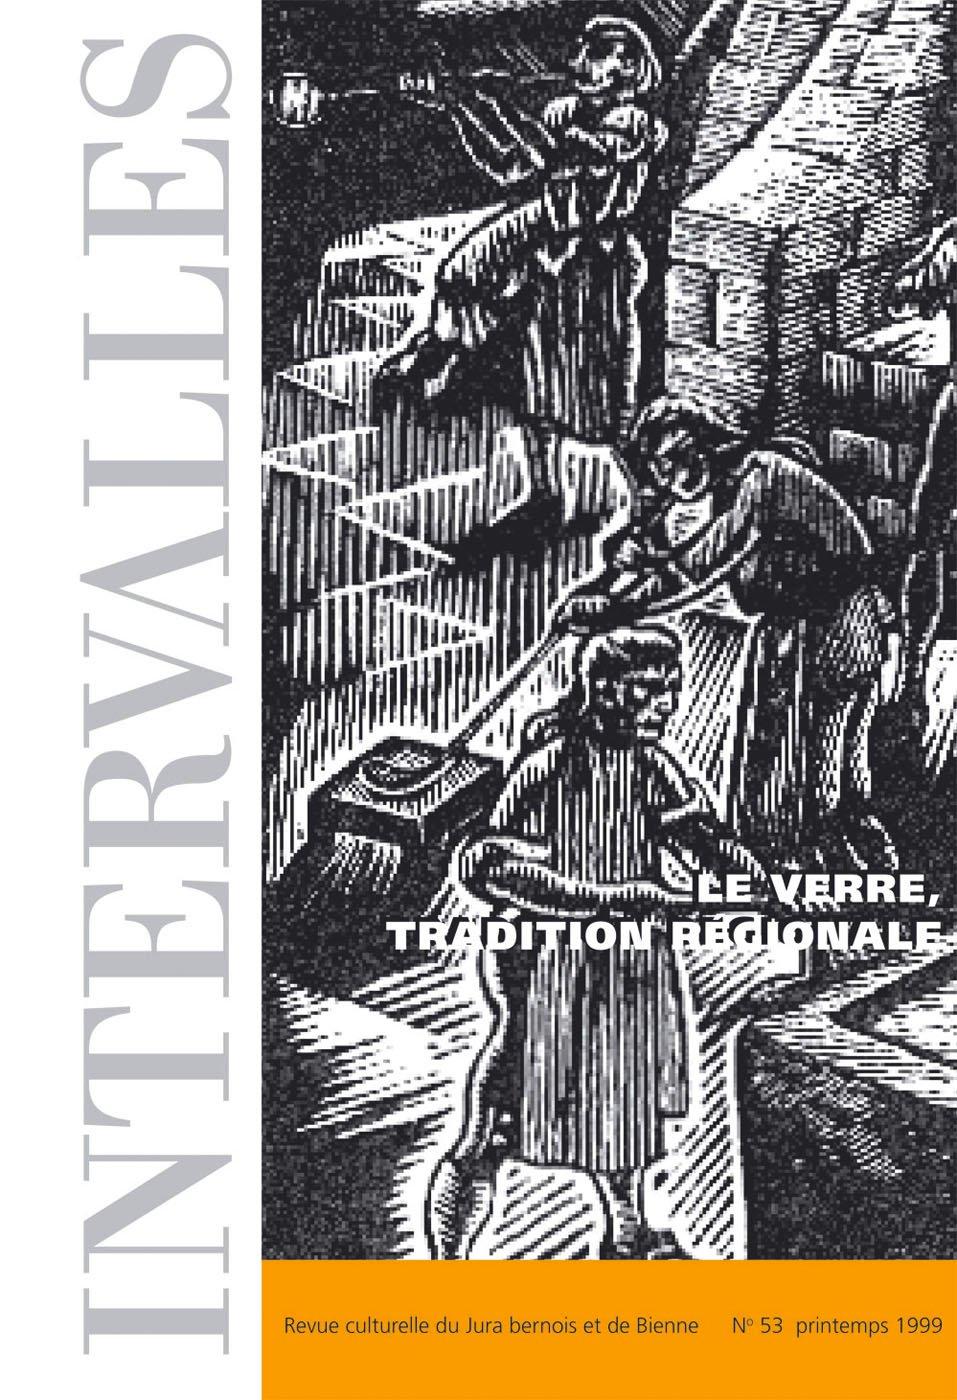 No 53 – Le verre, tradition régionale